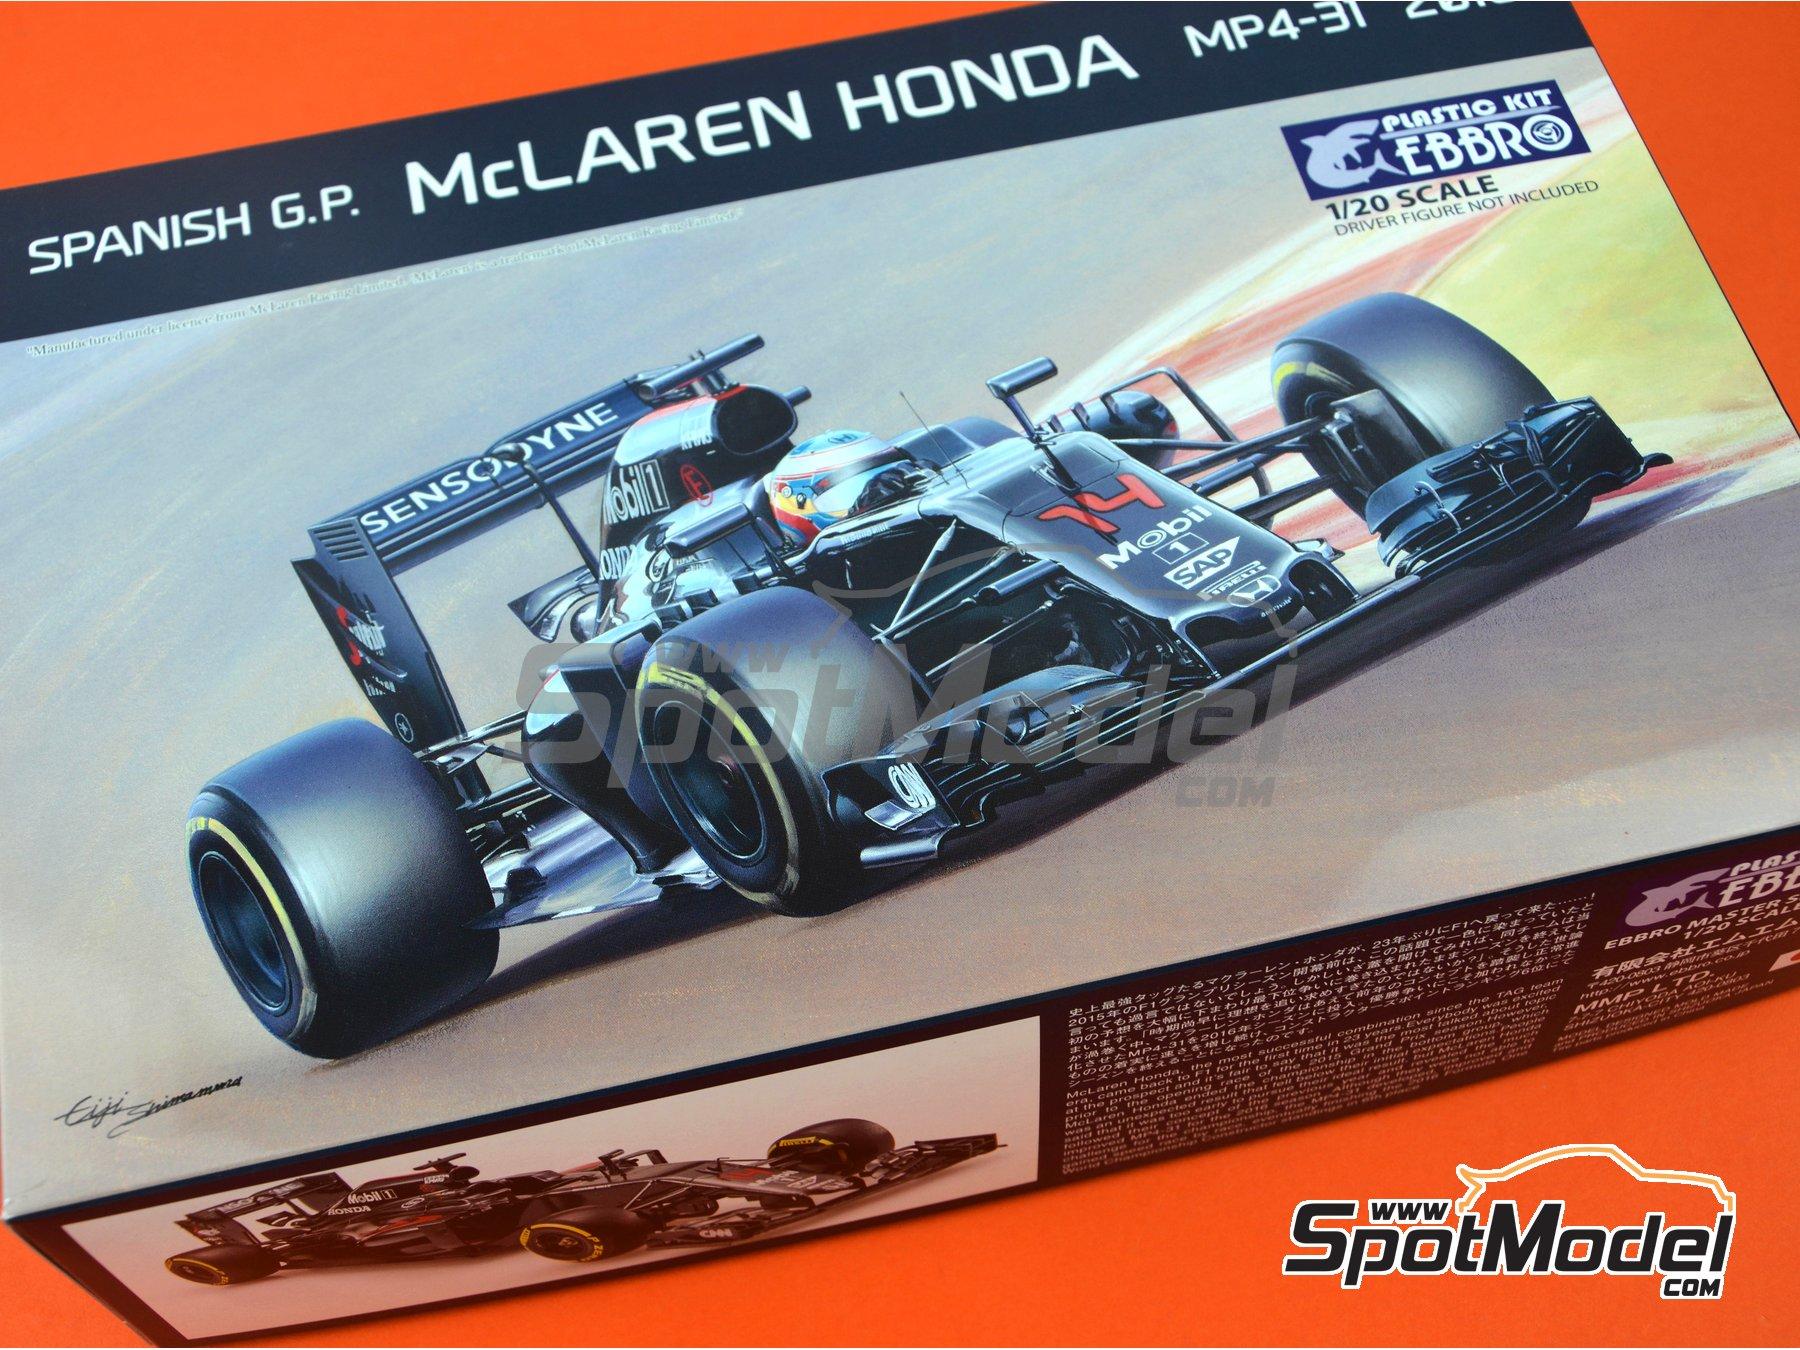 Image 26: McLaren Honda MP4/31 - Spanish Grand Prix 2016 | Model car kit in 1/20 scale manufactured by Ebbro (ref.EBR20018)